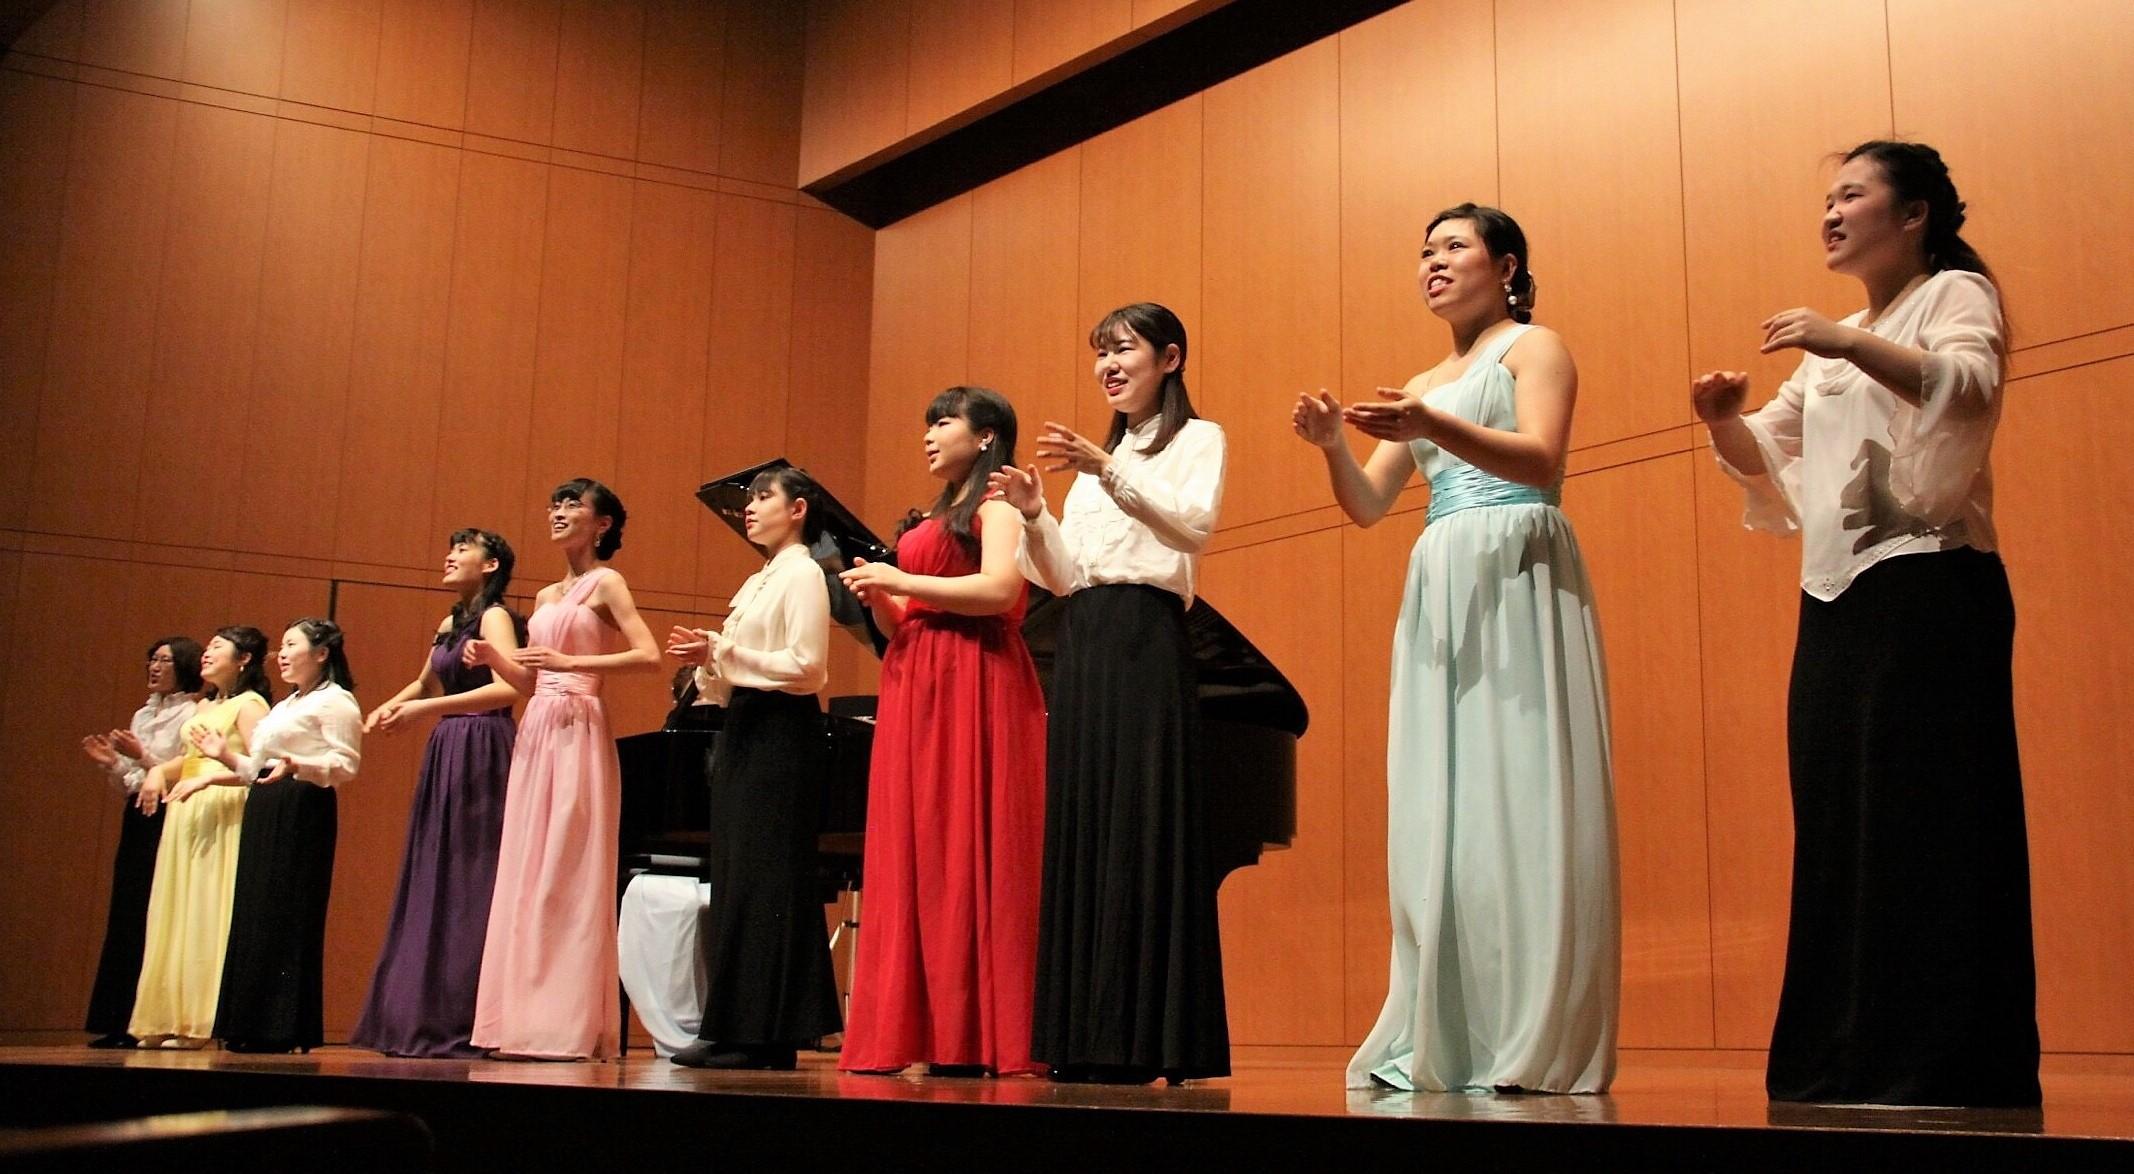 プログラムの最後には、ステージスタッフとしてコンサートをサポートしてくれた学友も交え、全員で音楽学部客員准教授の宮本益光先生の作詞による「もしも歌がなかったら」(加藤昌則作曲)を、心を込めて歌いました。